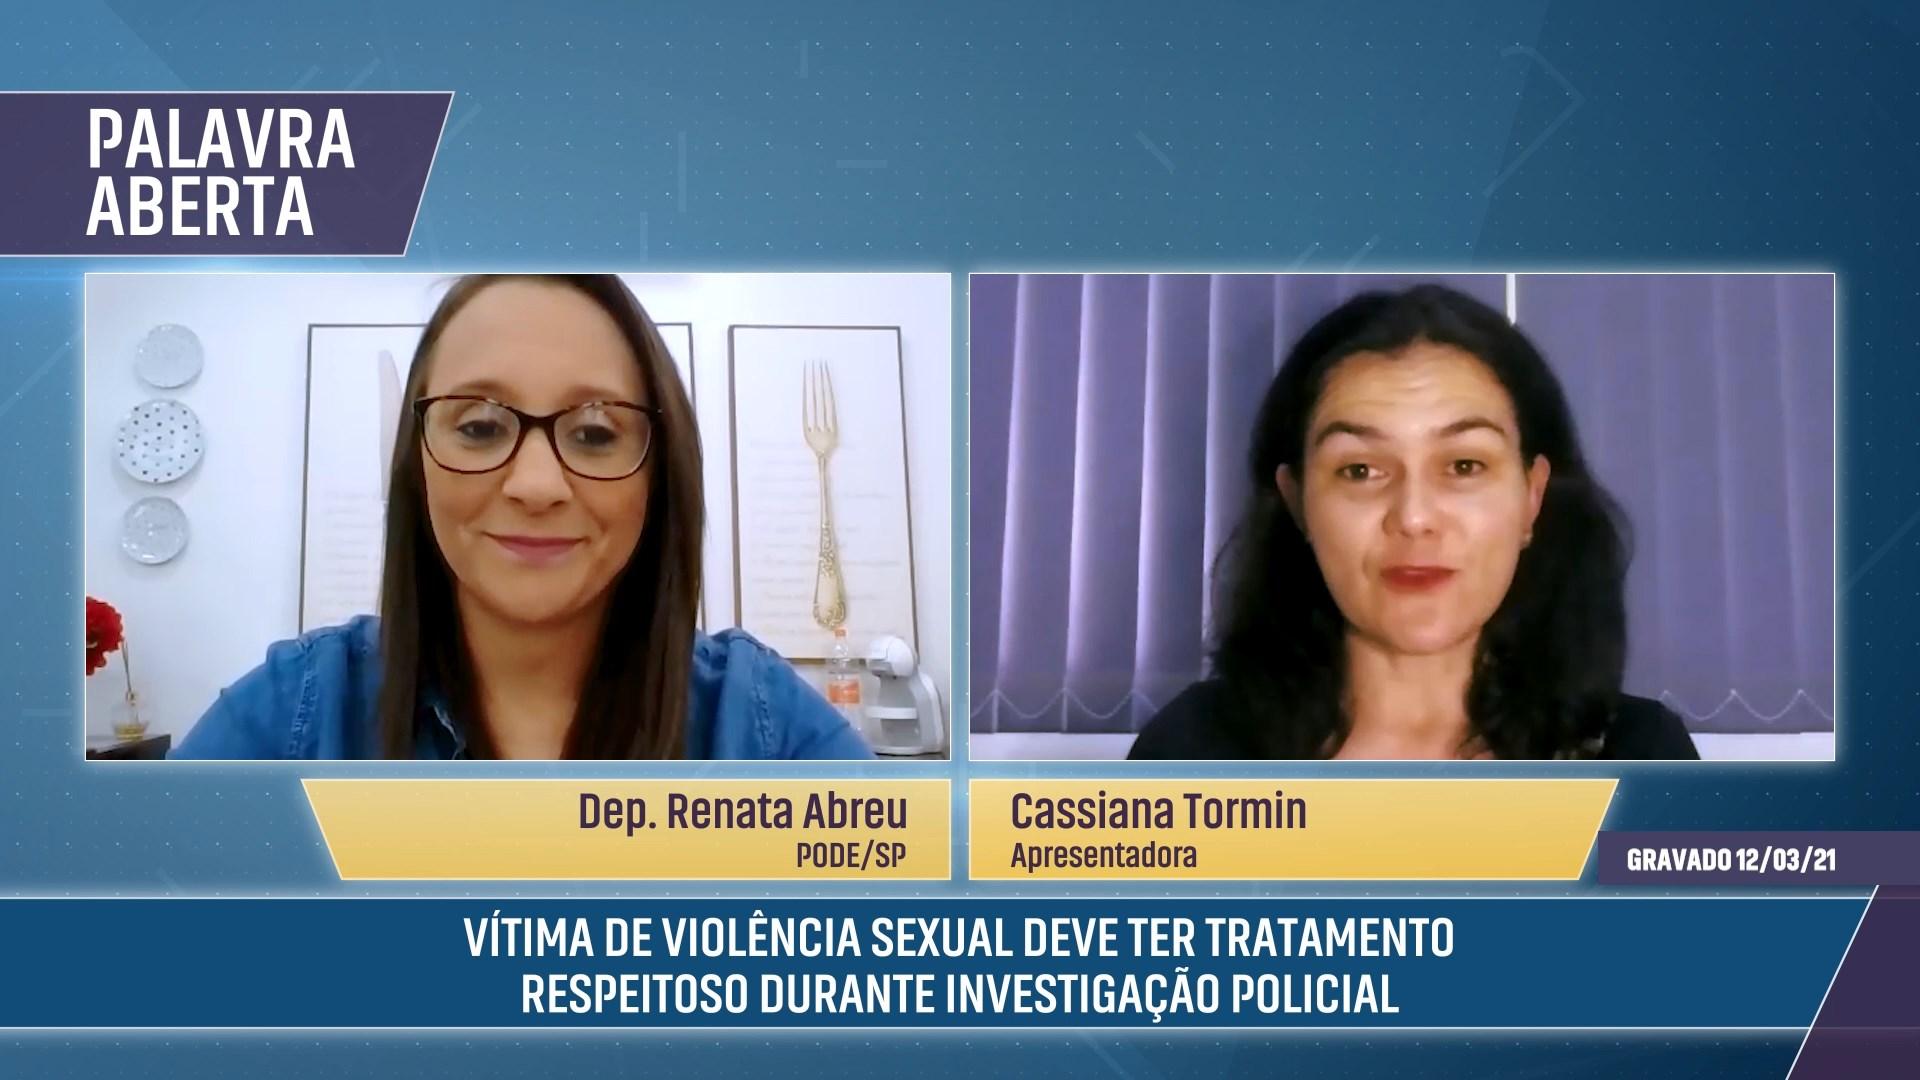 Vítima de violência sexual deve ter tratamento respeitoso durante investigação policial